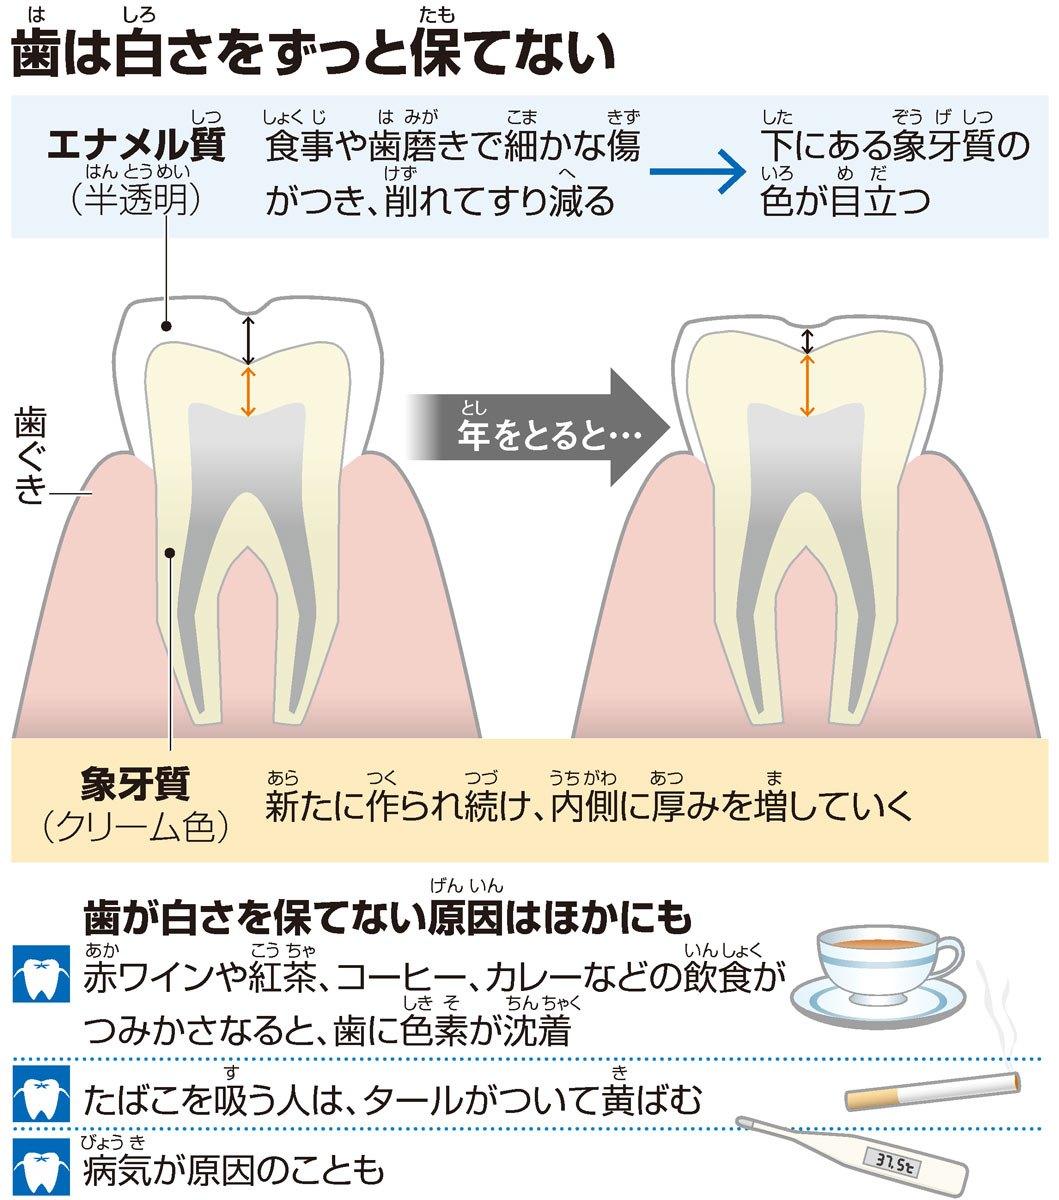 歯(は)は白(しろ)さをずっと保(たも)てない/歯が白さを保てない原因(げんいん)はほかにも